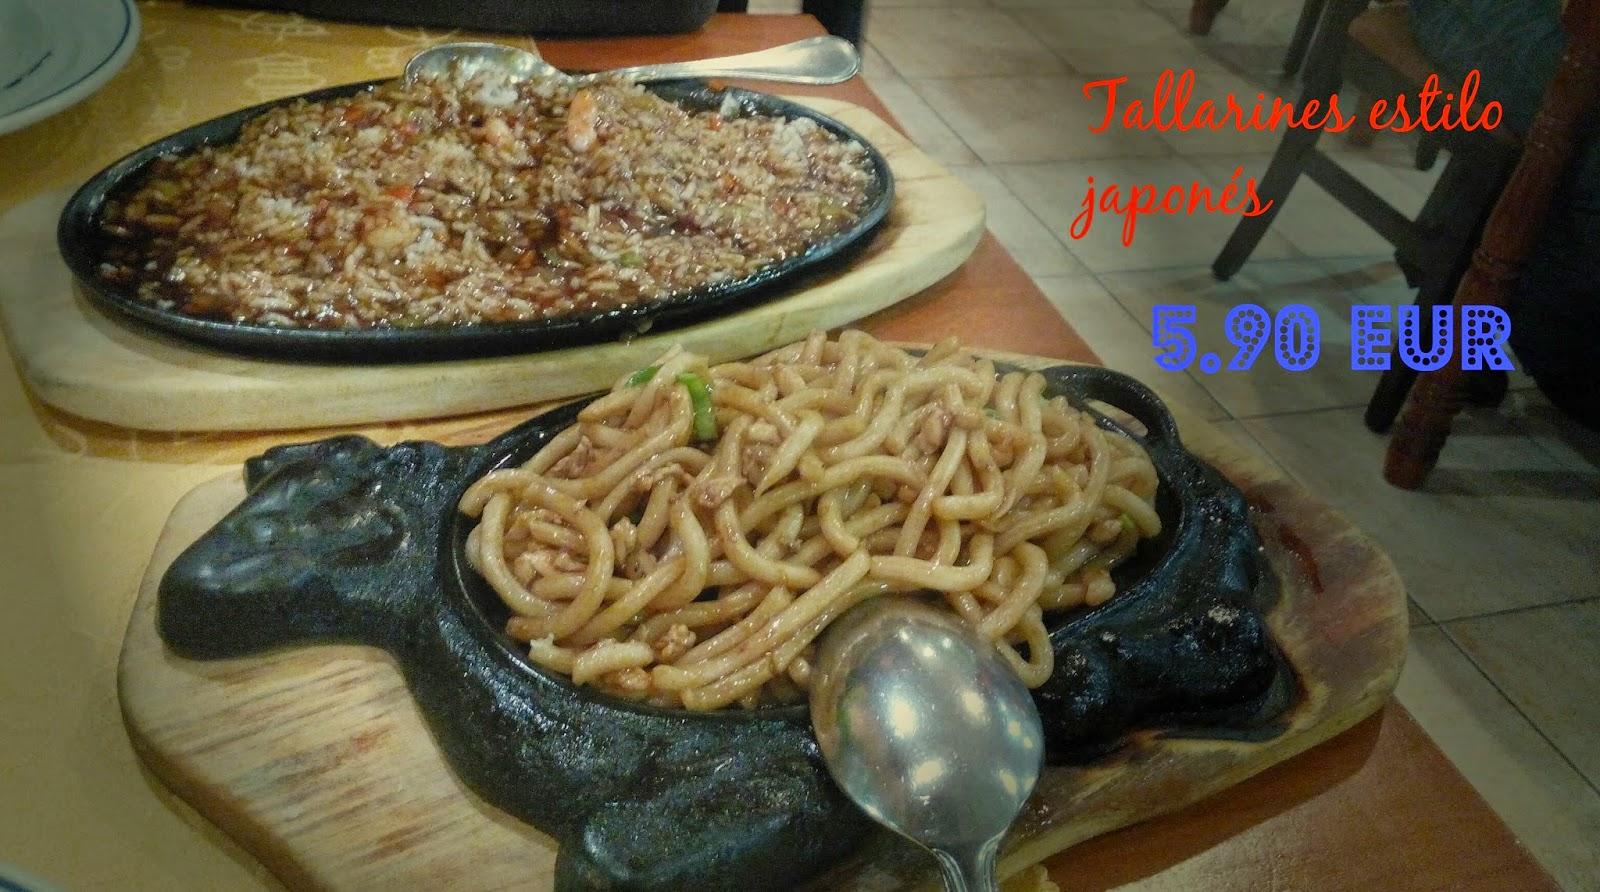 Comer bien por poco dinero en madrid restaurante tokio getafe - Restaurante tokio madrid ...